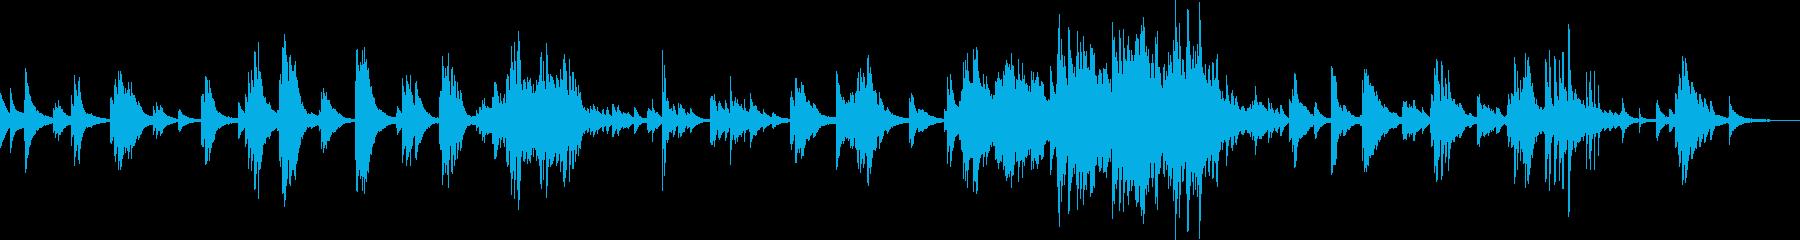 優しくて切ないピアノバラード(しっとり)の再生済みの波形